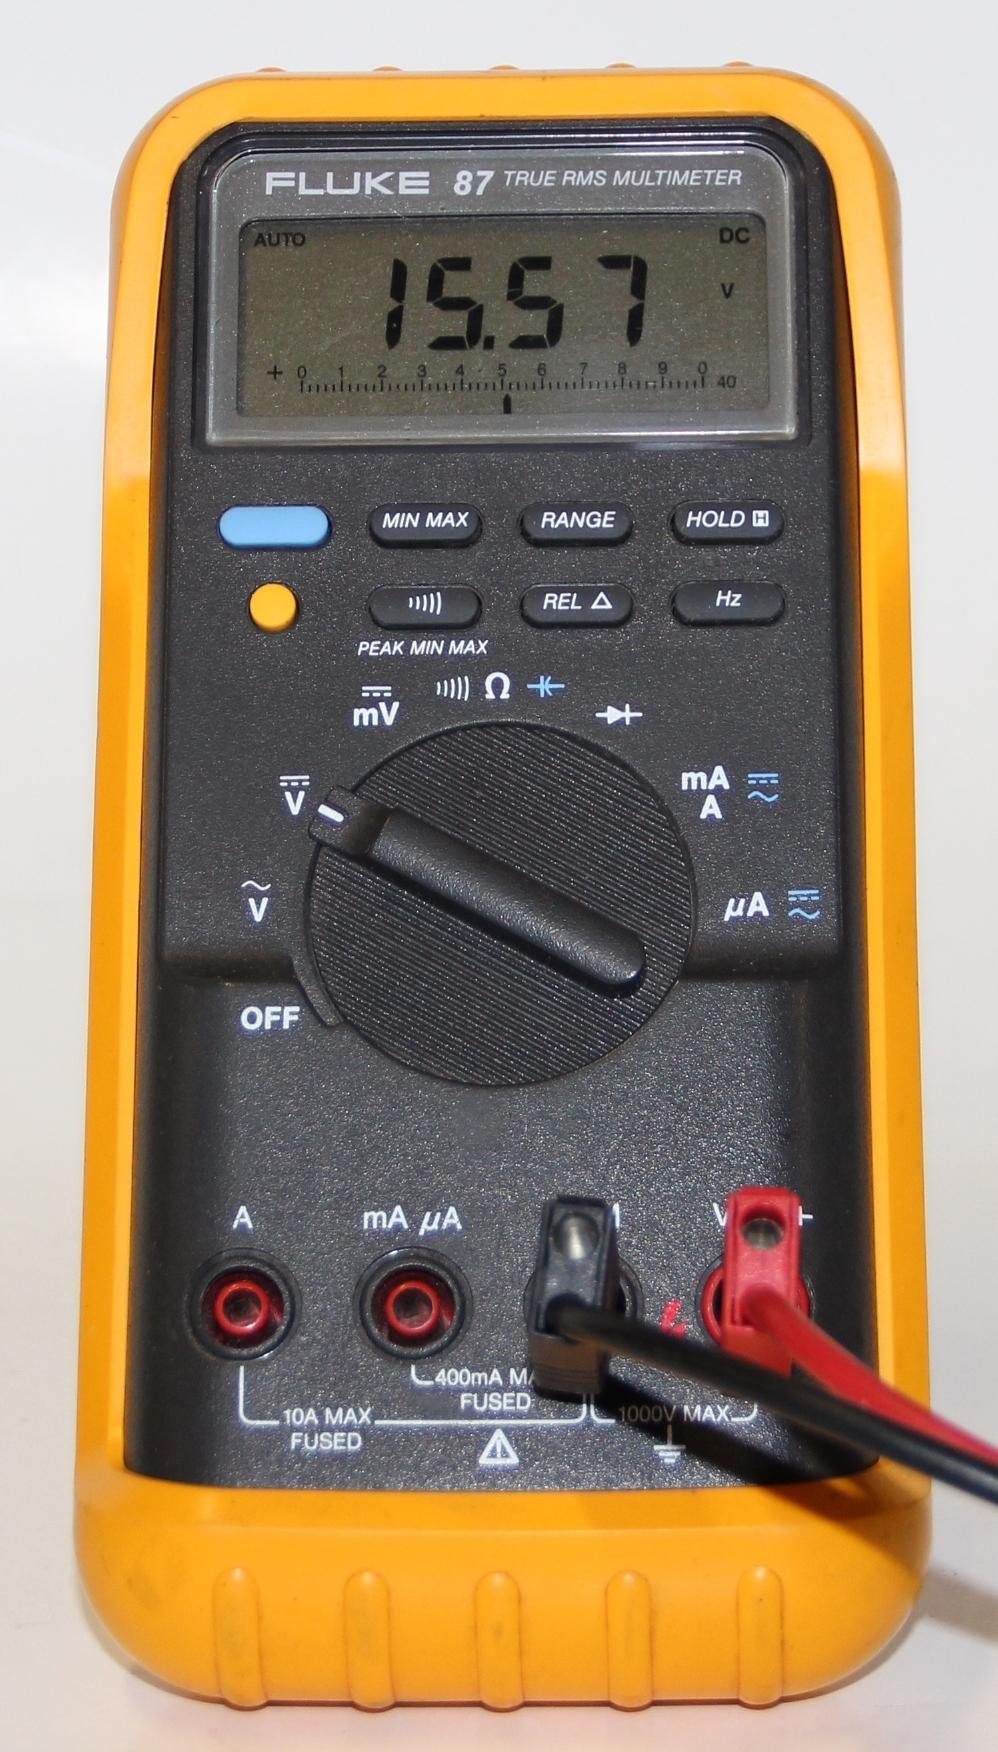 Fluke Multimeter 87 : Fluke true rms multimeter